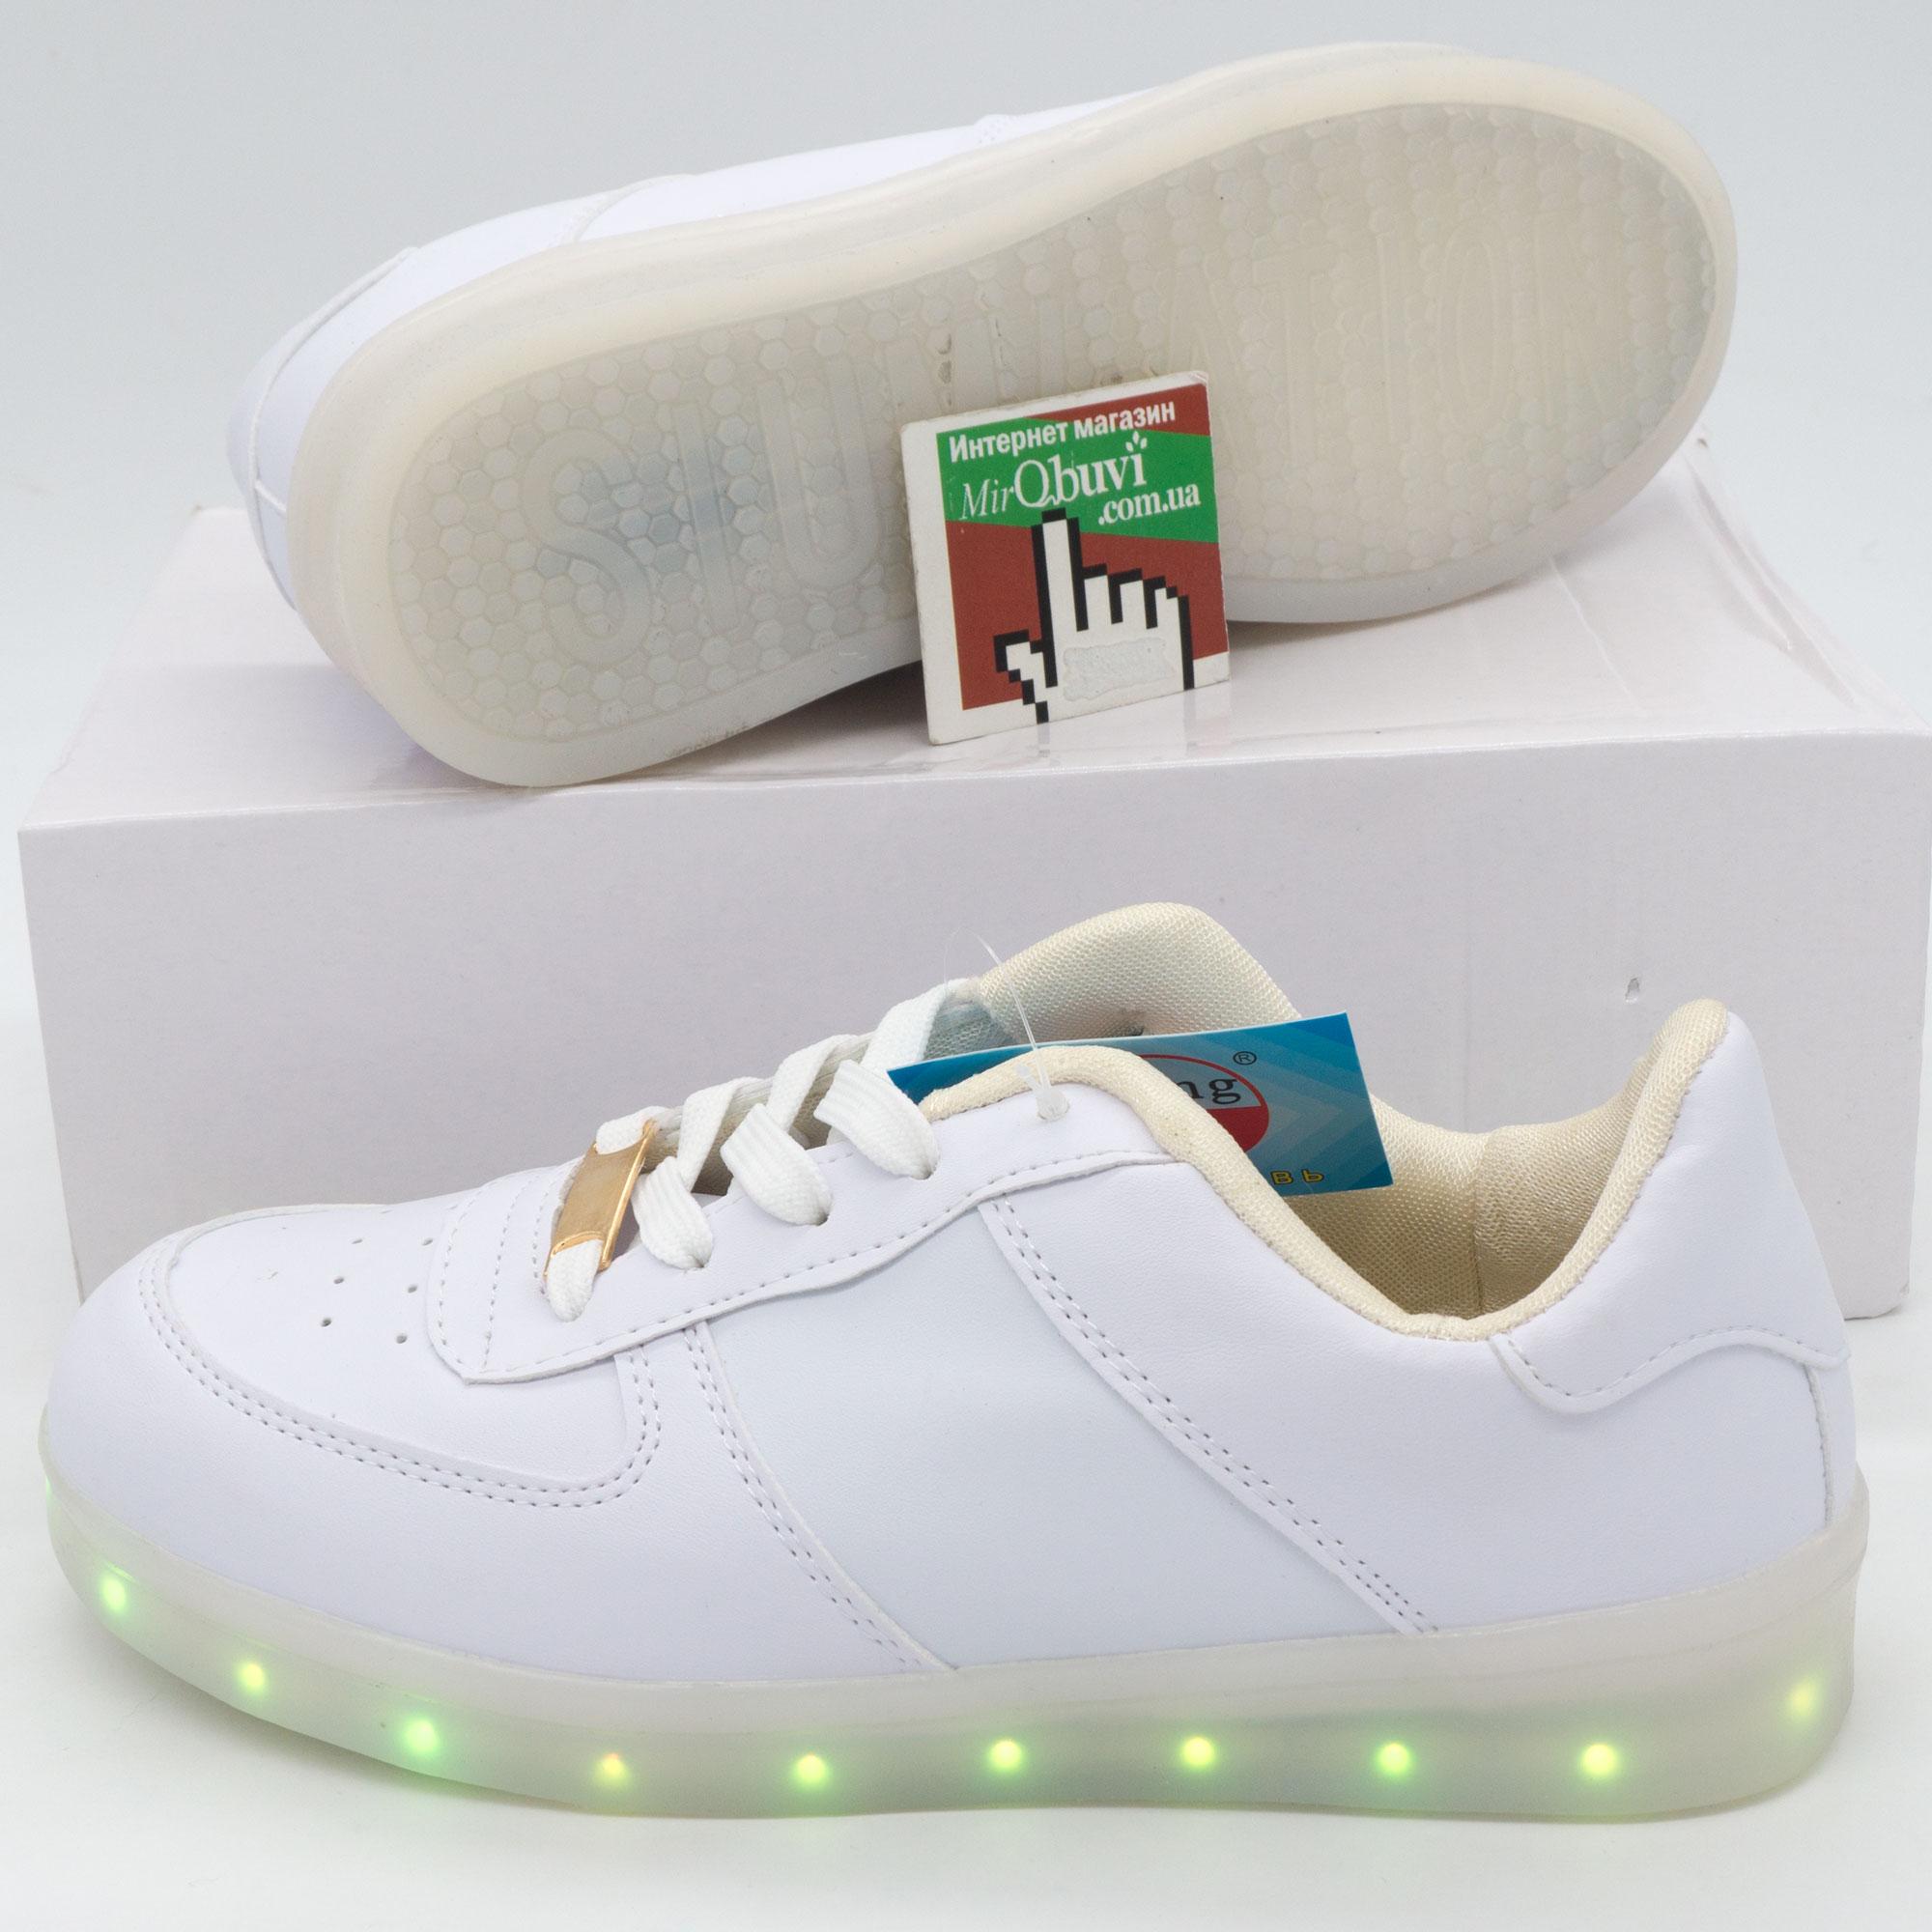 e574c79e02a1 Низкие светящиеся кроссовки, купить низкие кроссовки со светящейся ...